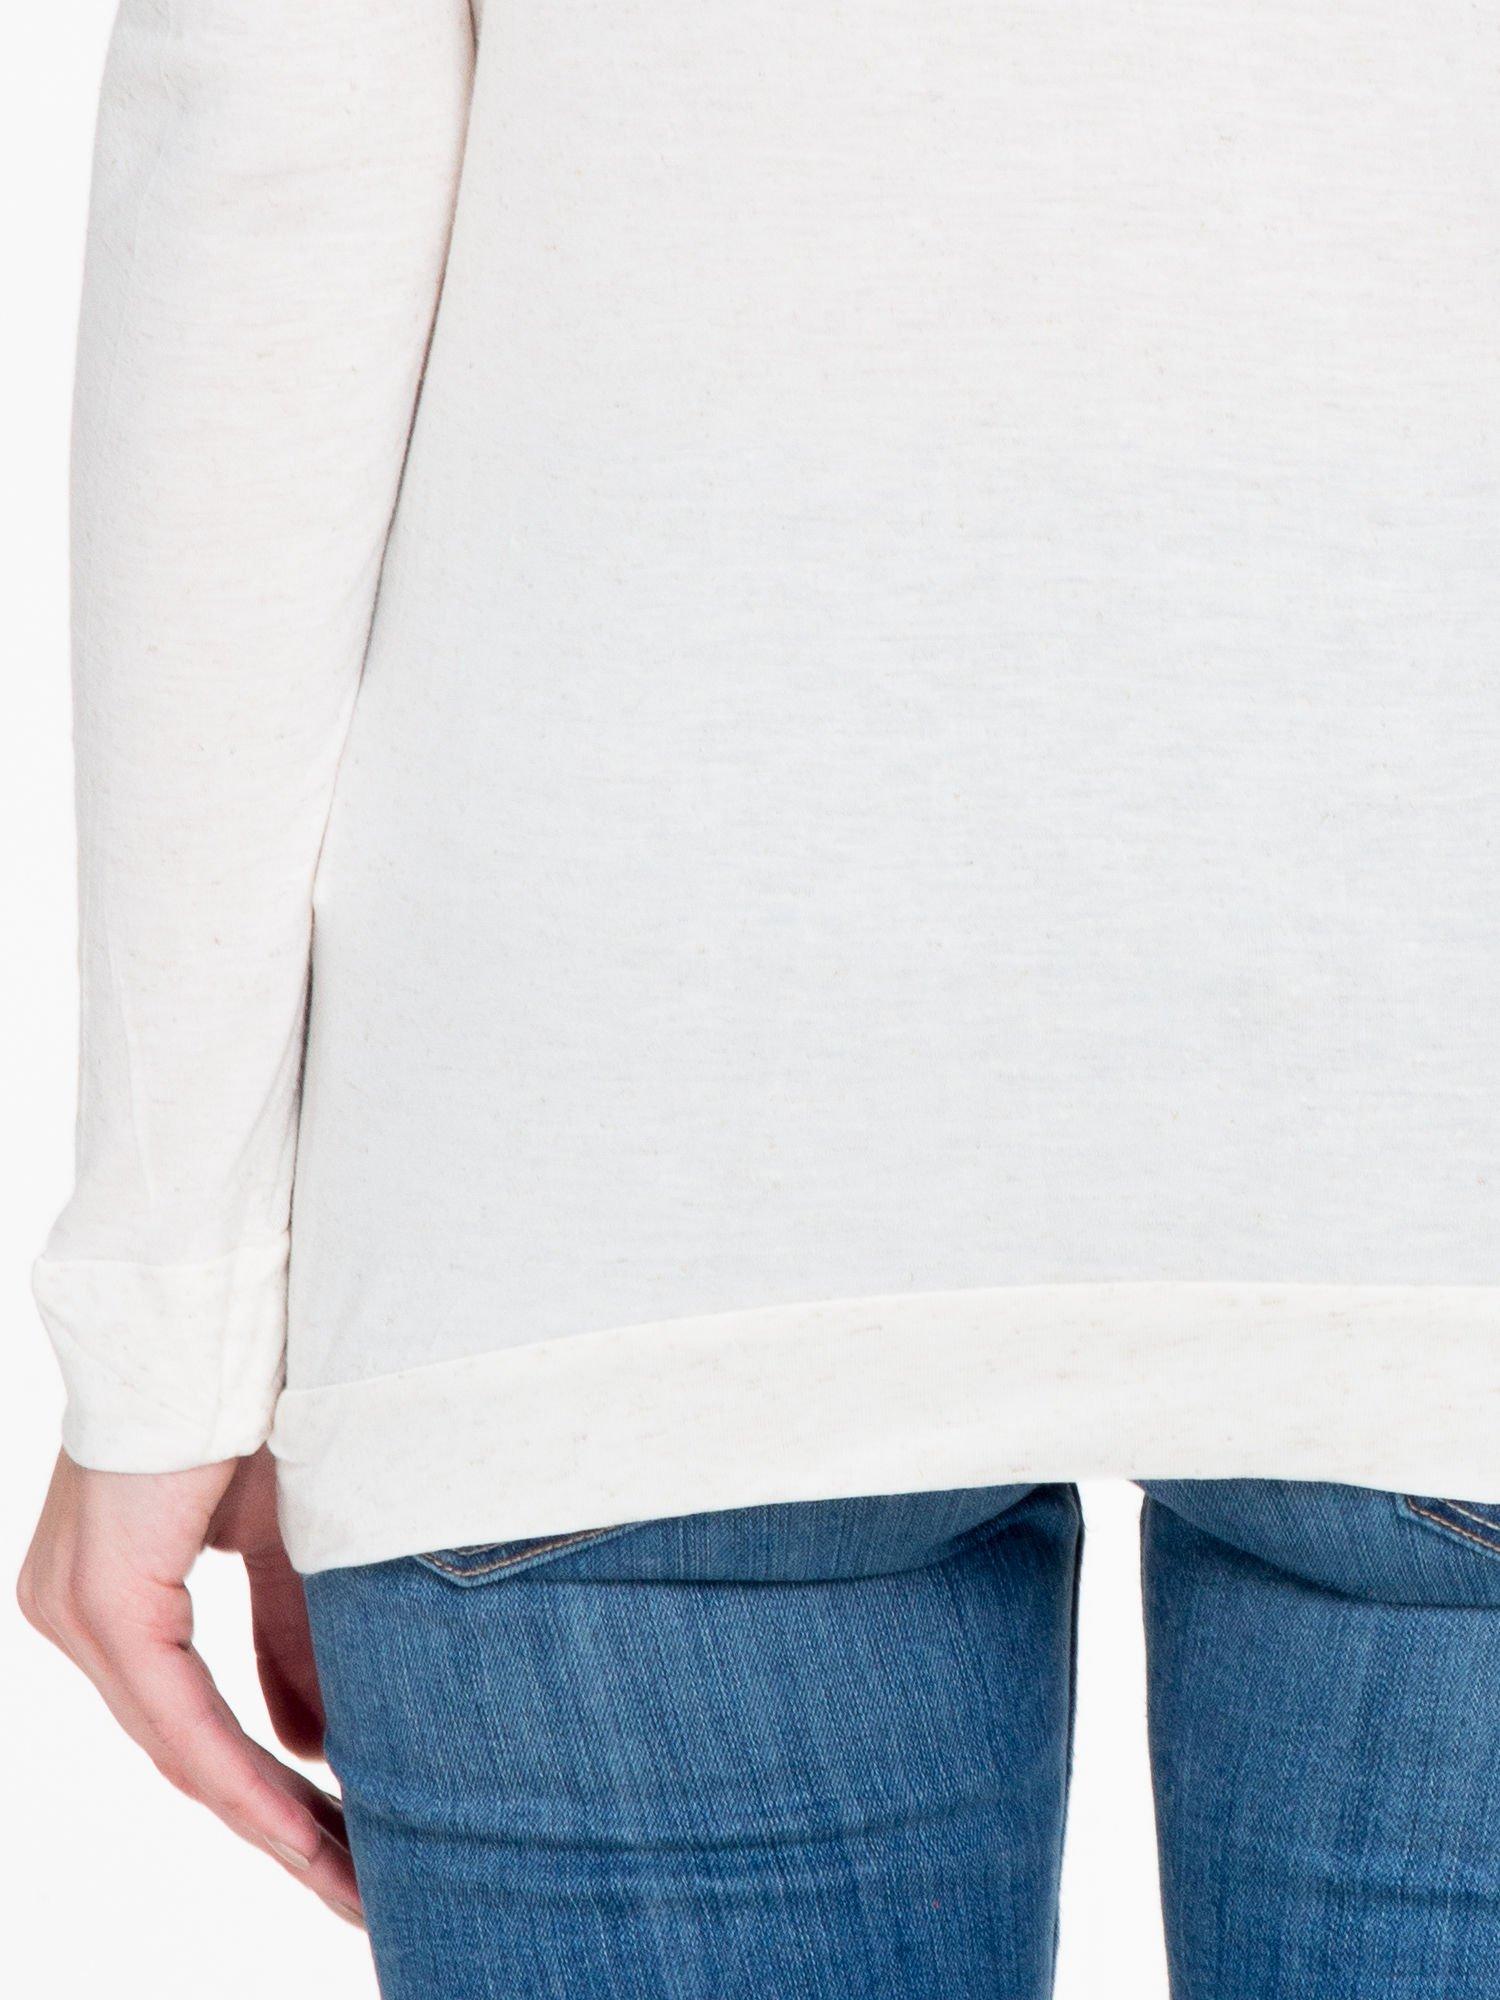 Beżowa melanżowa bawełniana bluzka z rękawami typu reglan                                  zdj.                                  8